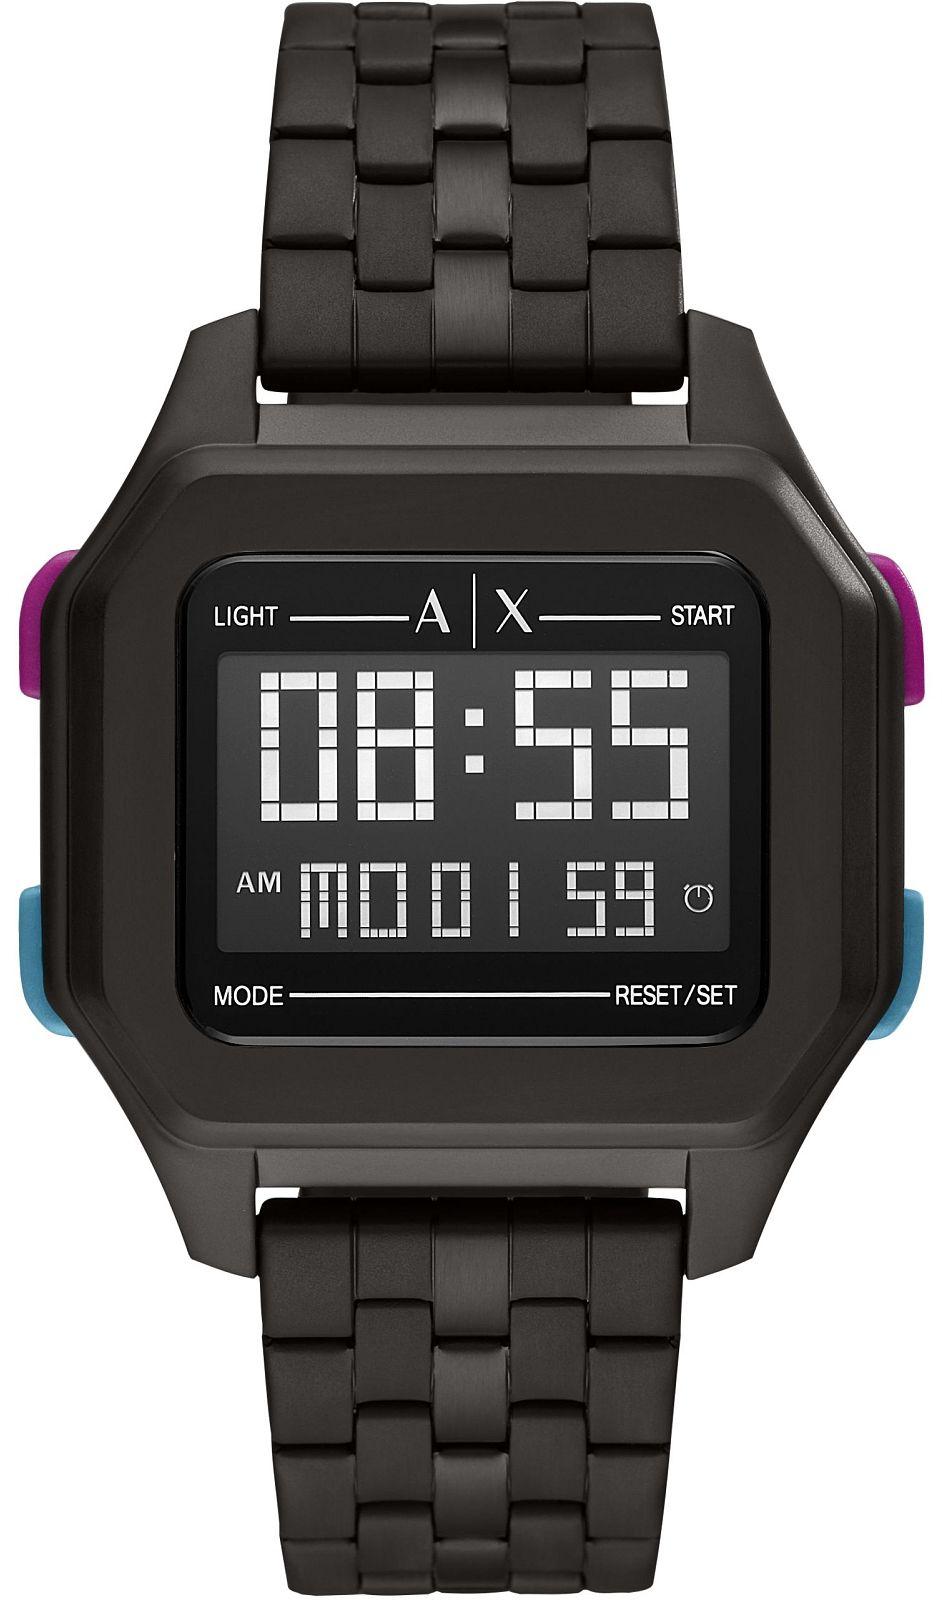 Zegarek Armani Exchange AX2952 > Wysyłka tego samego dnia Grawer 0zł Darmowa dostawa Kurierem/Inpost Darmowy zwrot przez 100 DNI